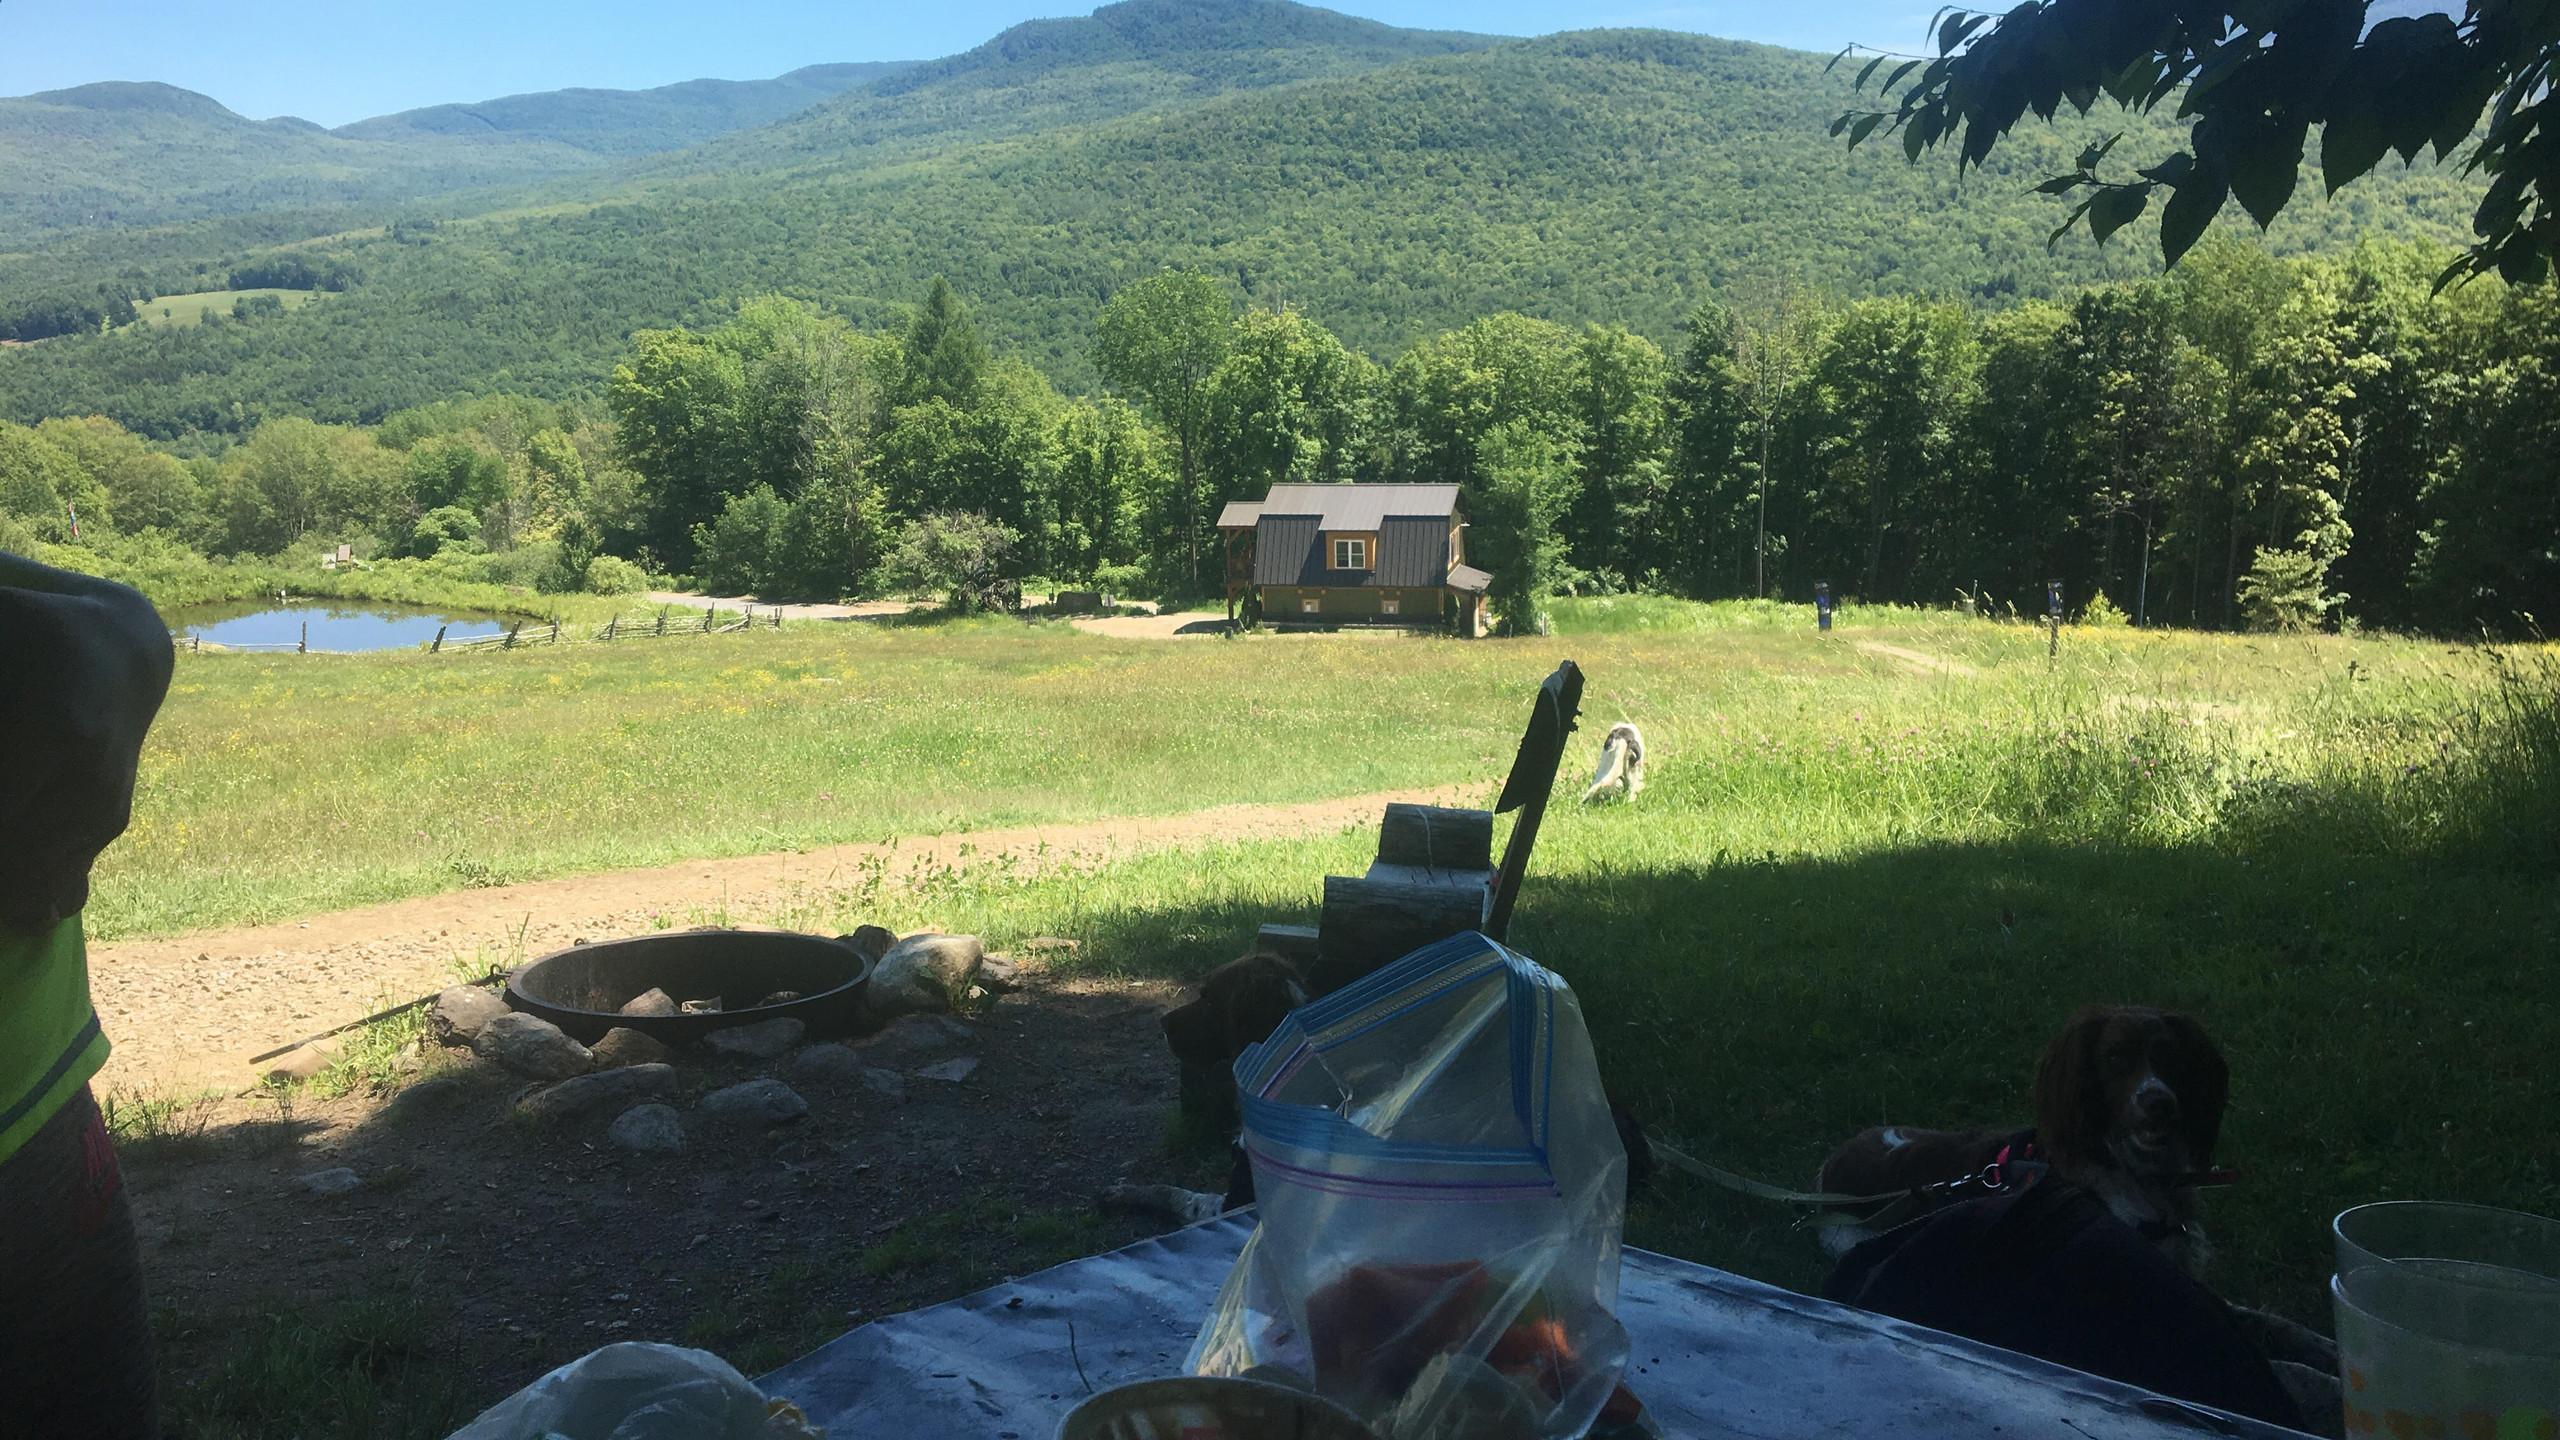 L'heure du picnic